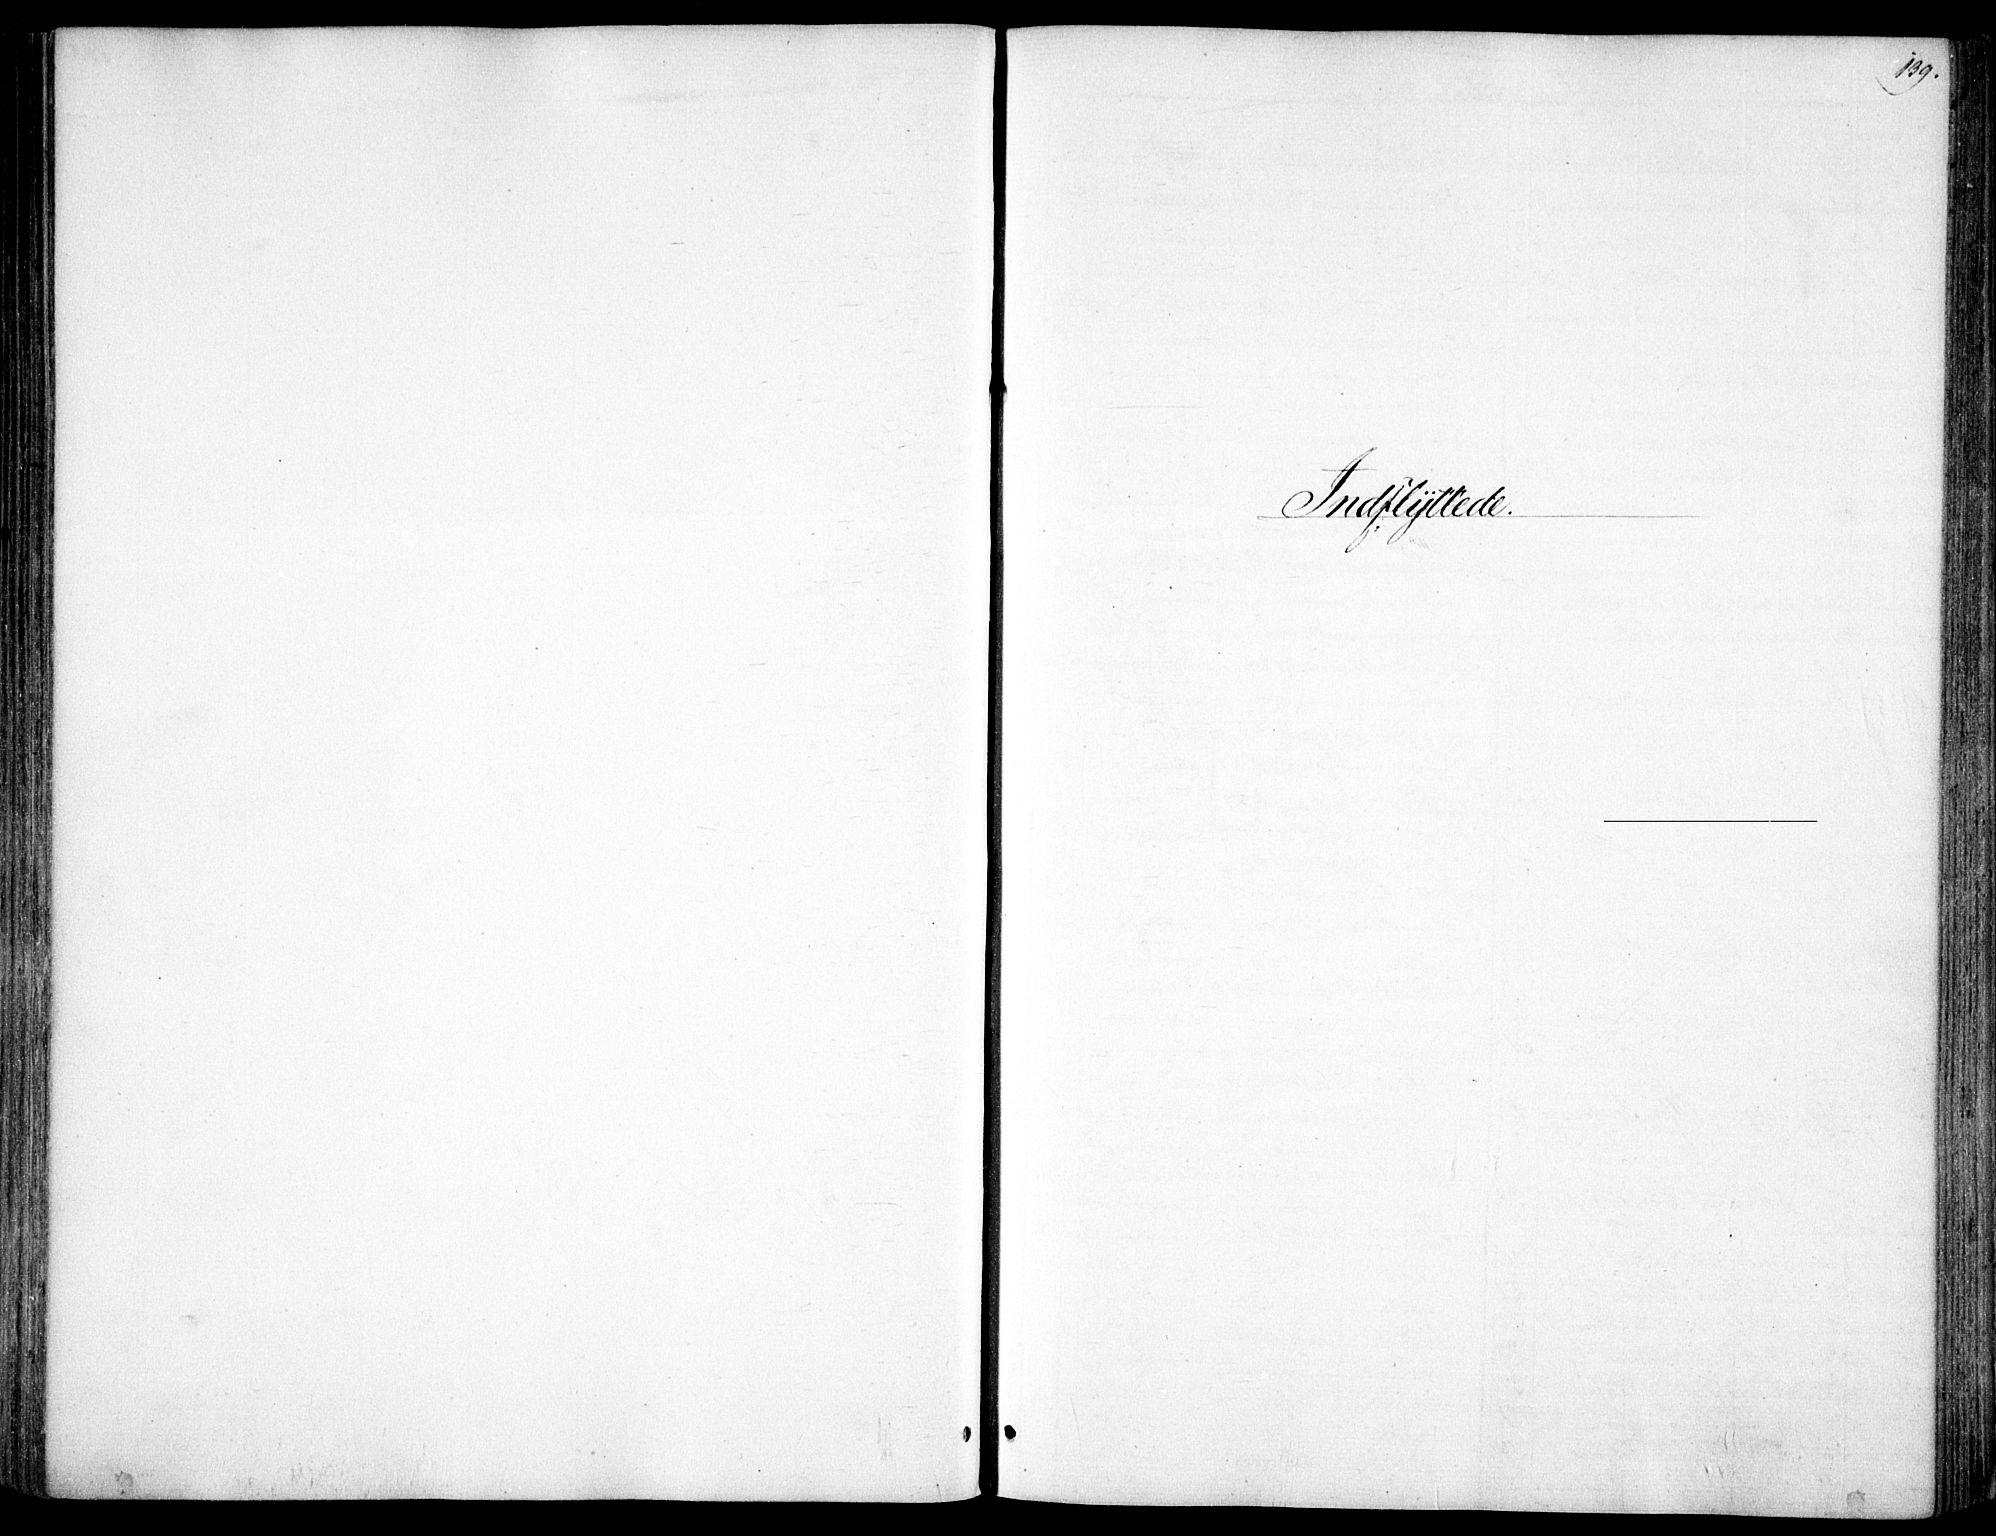 SAO, Garnisonsmenigheten Kirkebøker, F/Fa/L0009: Ministerialbok nr. 9, 1842-1859, s. 139